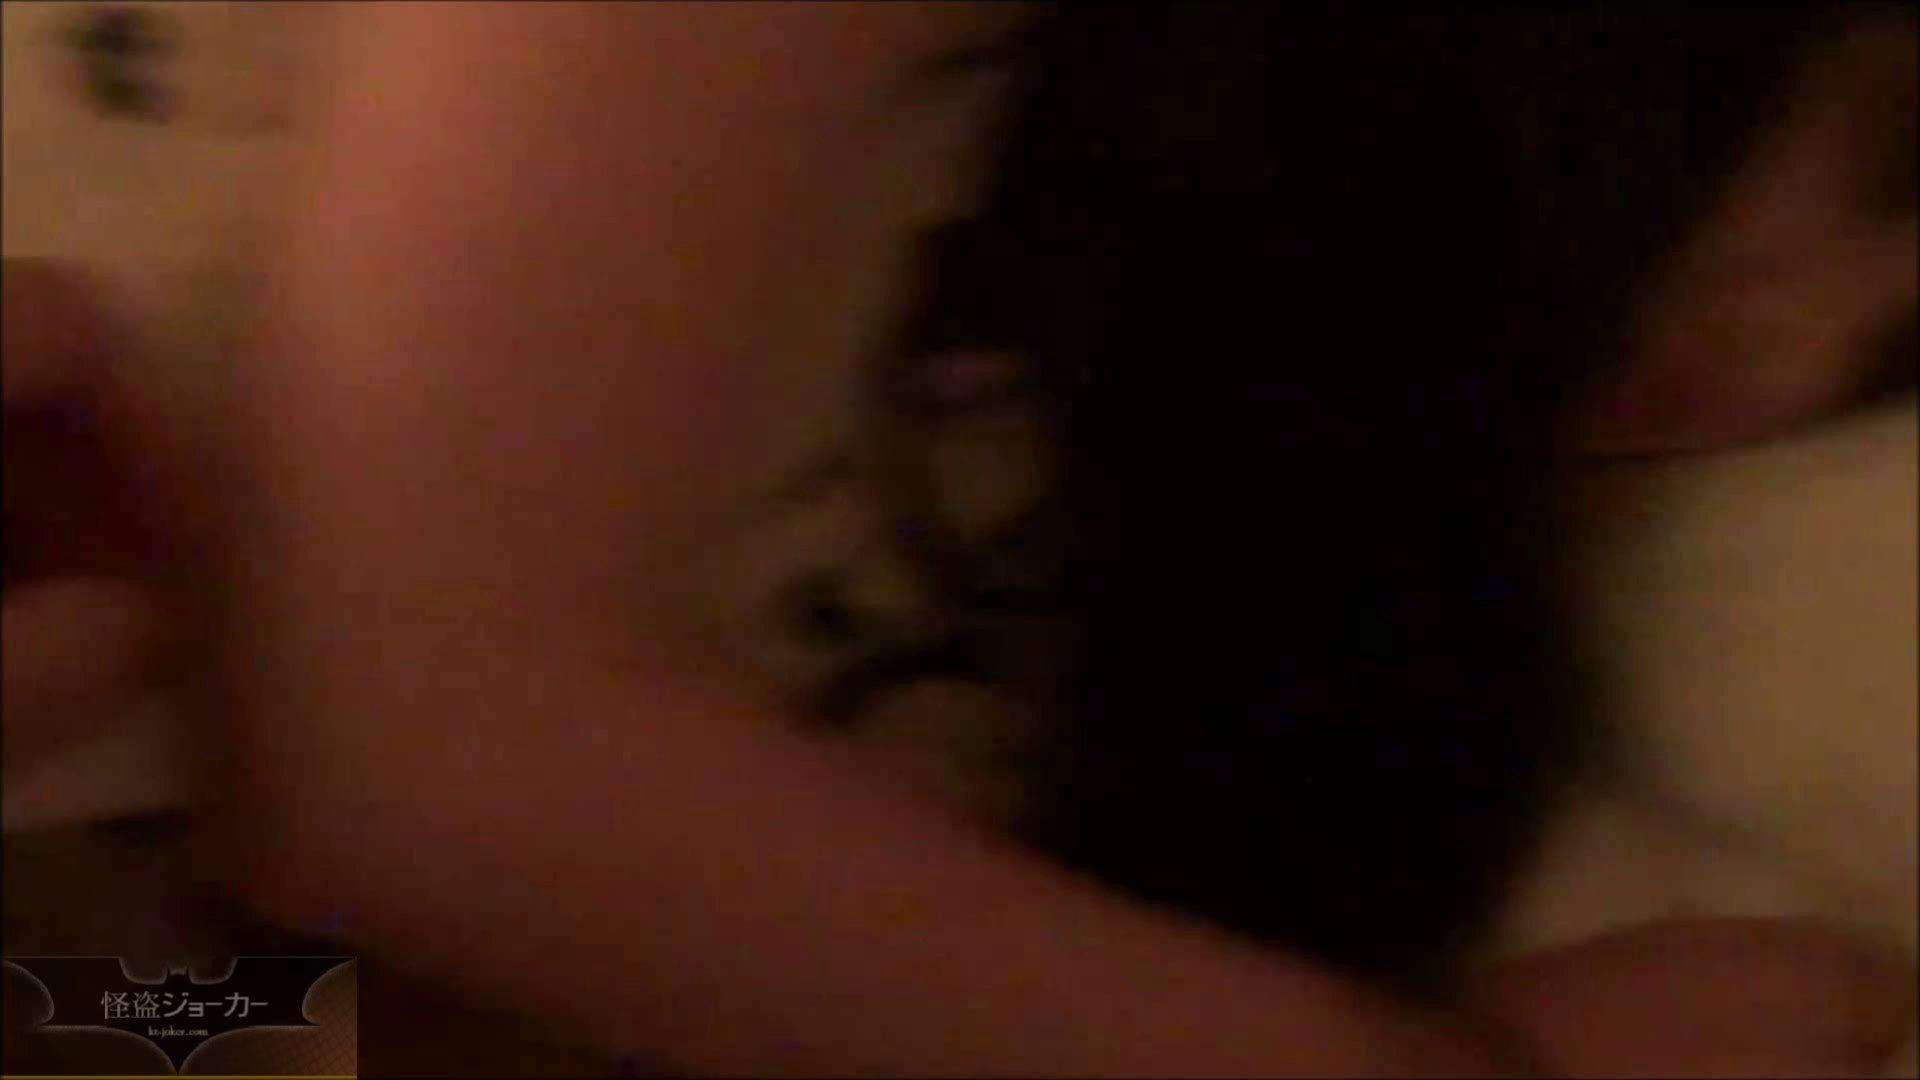 【未公開】vol.18 ●女末が避妊具も付けず、肉体で繋がる時・・・。 OLハメ撮り  80Pix 4